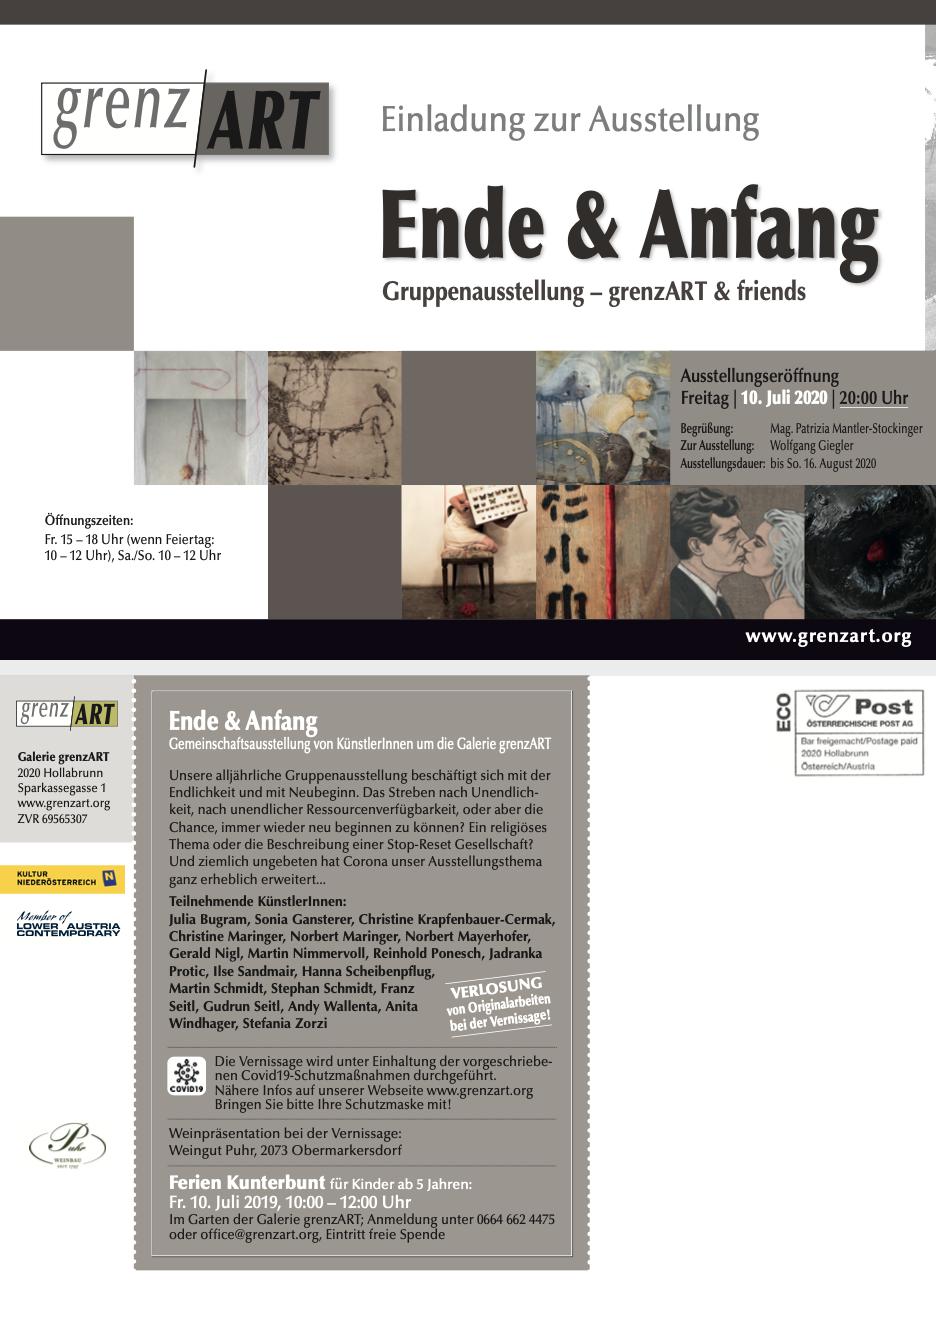 Einladung zur Ausstellung Ende & Anfang Gruppenausstellung – grenzART & friends